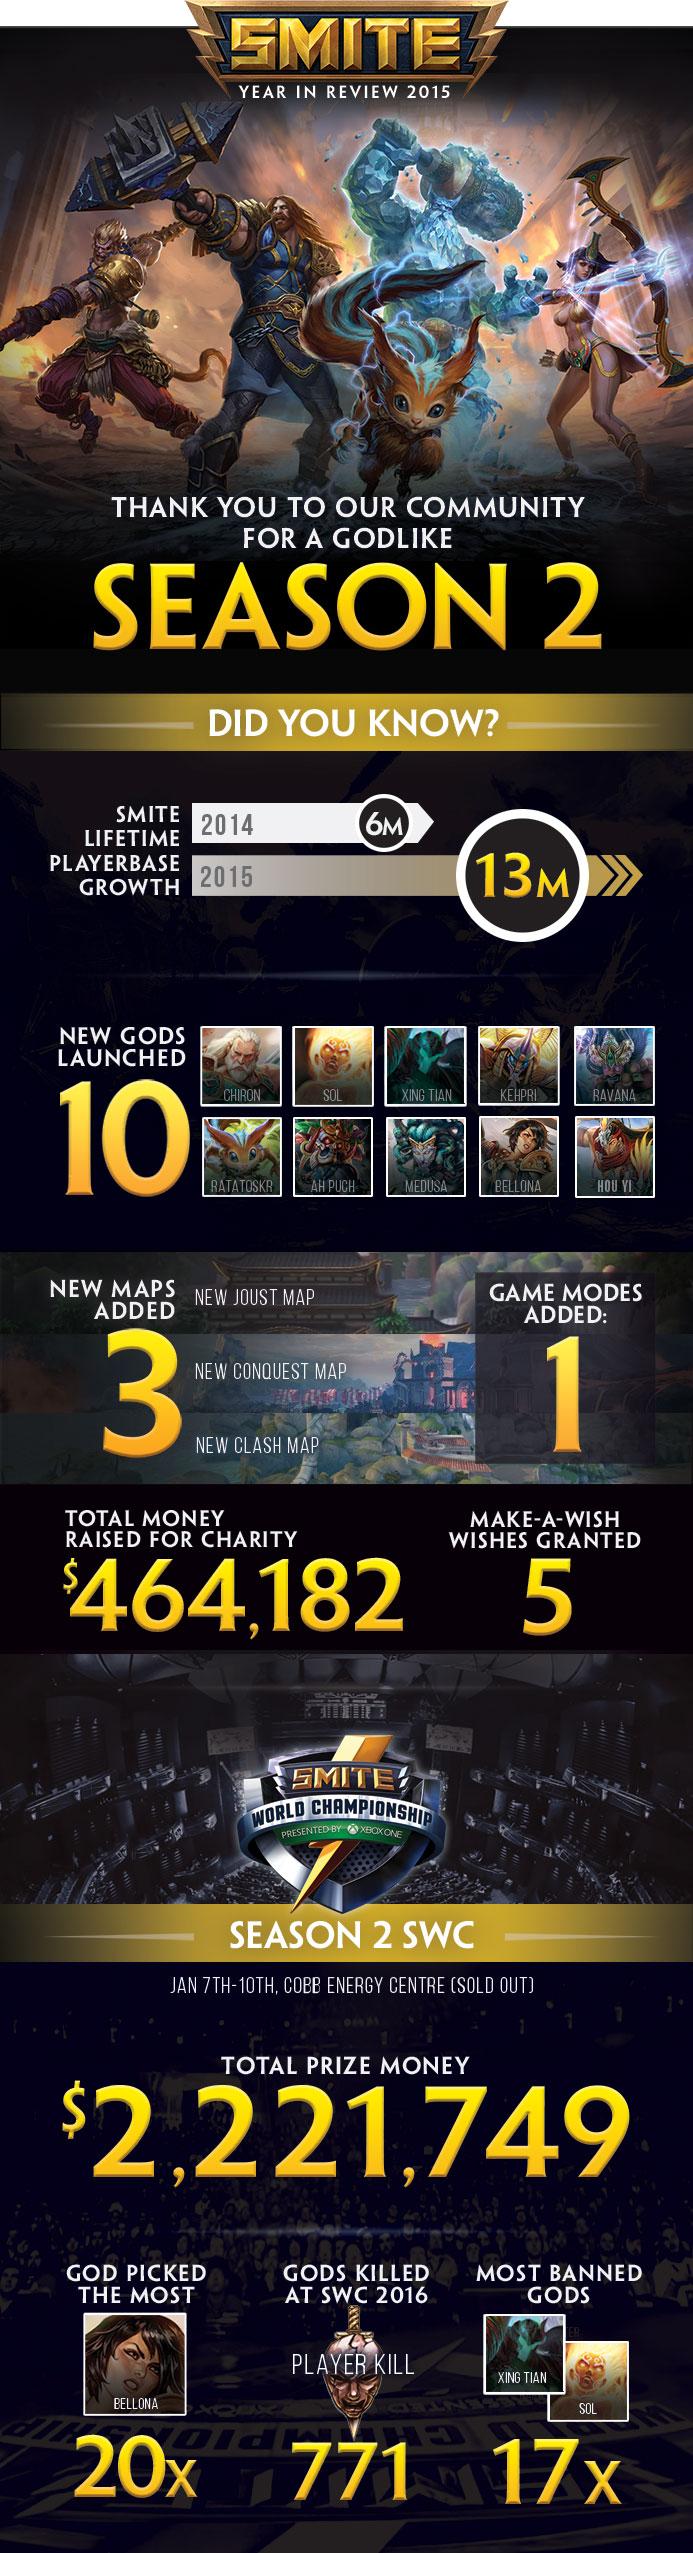 infographic_smite_season-2_recap